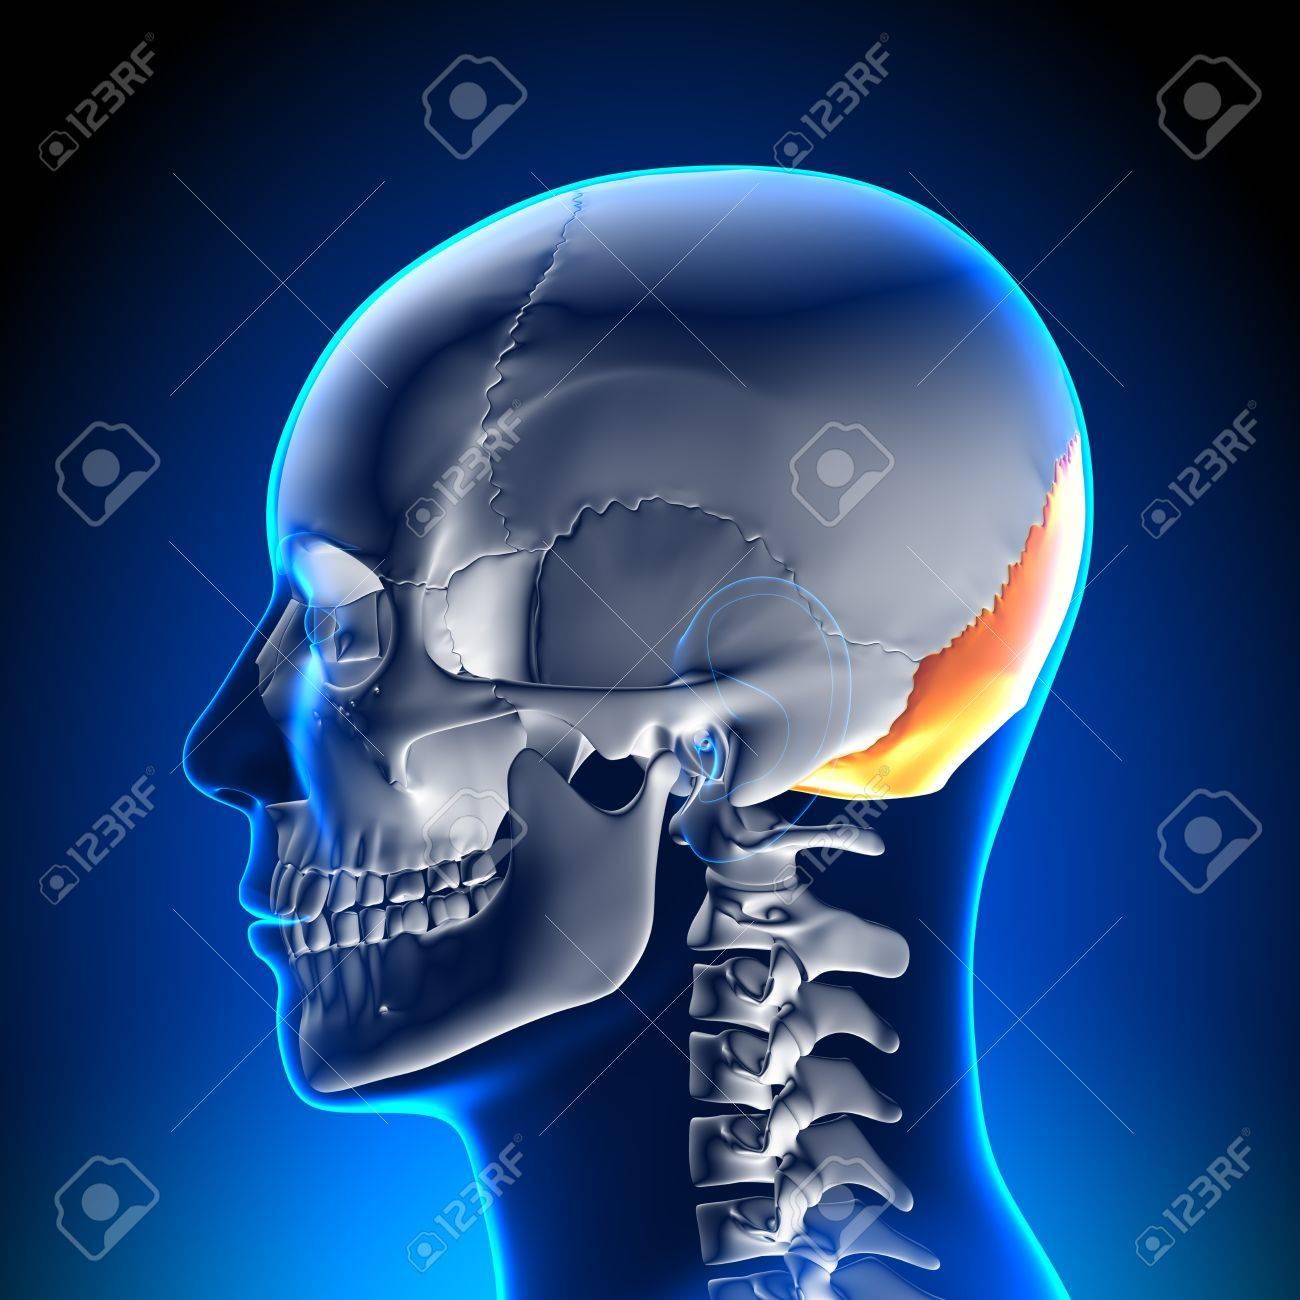 La Anatomía Del Hueso Occipital Fotos, Retratos, Imágenes Y ...